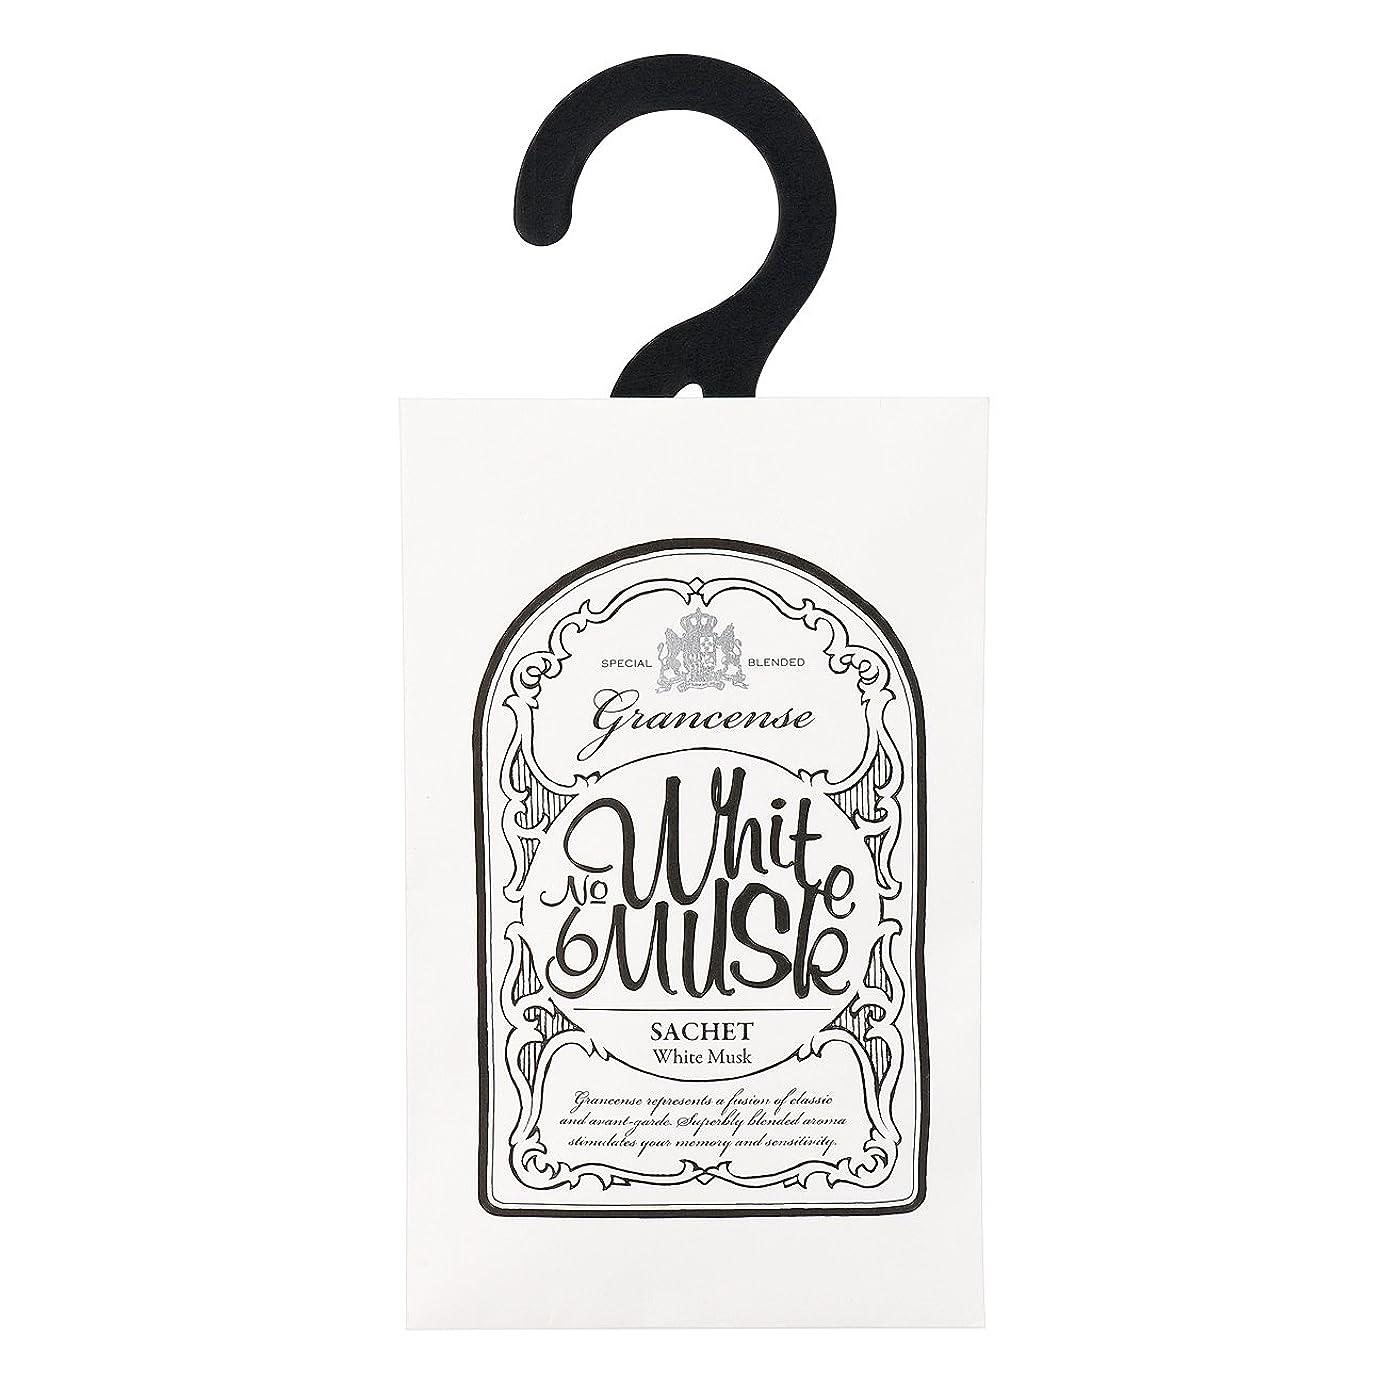 病院引用たとえグランセンス サシェ(約2~4週間) ホワイトムスク 12g(芳香剤 香り袋 アロマサシェ ベルガモットとミントの透明感ある香り)